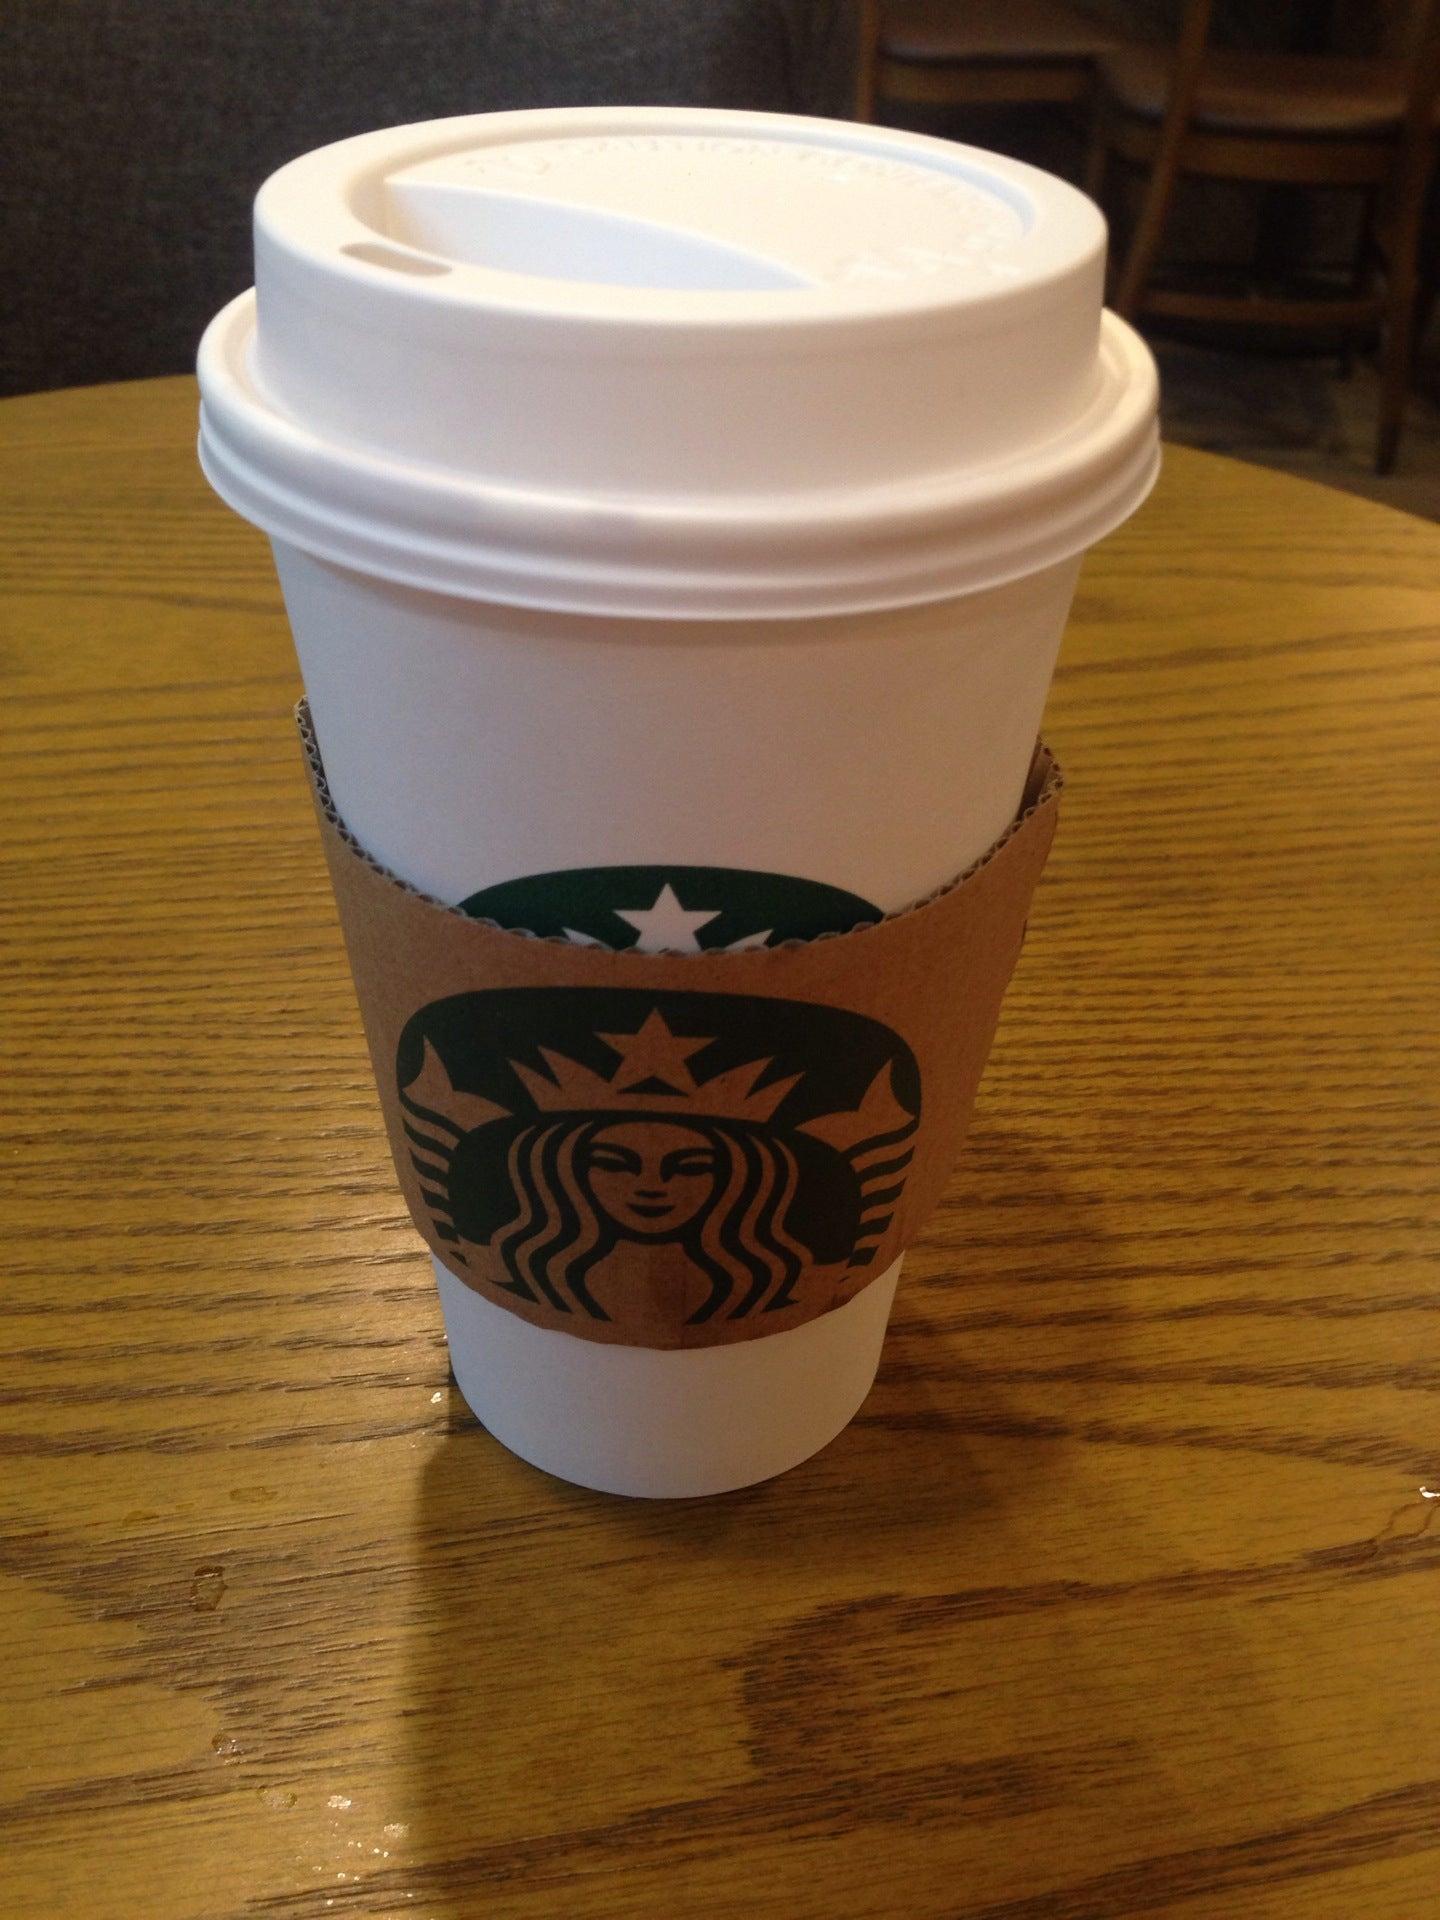 相片 - 位於盛港的Starbucks | American - 新加坡